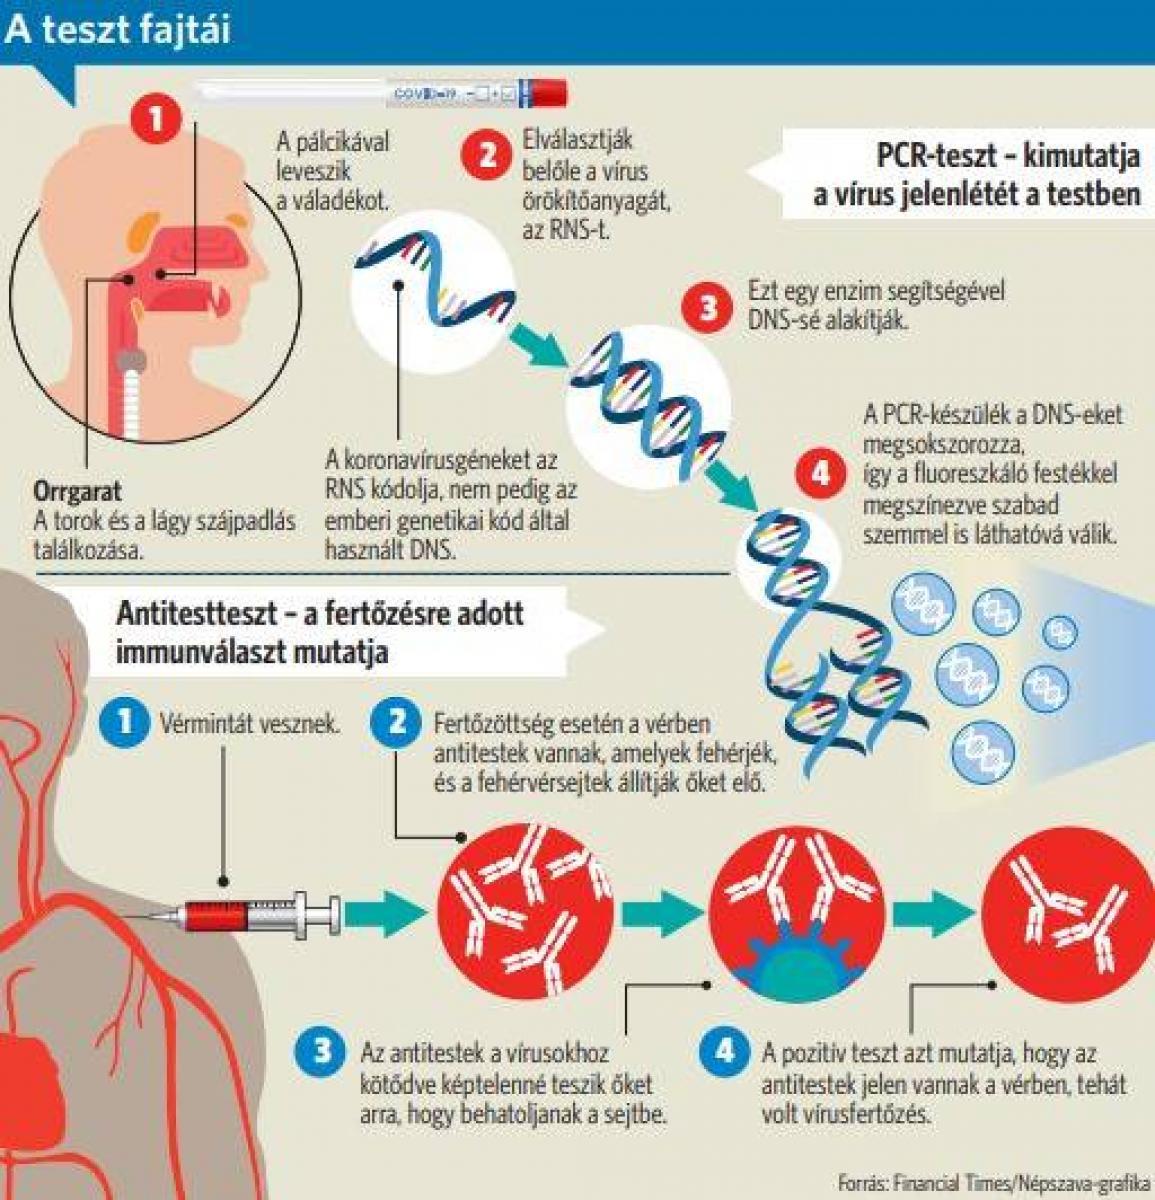 a fonálférgekben nincs antitest